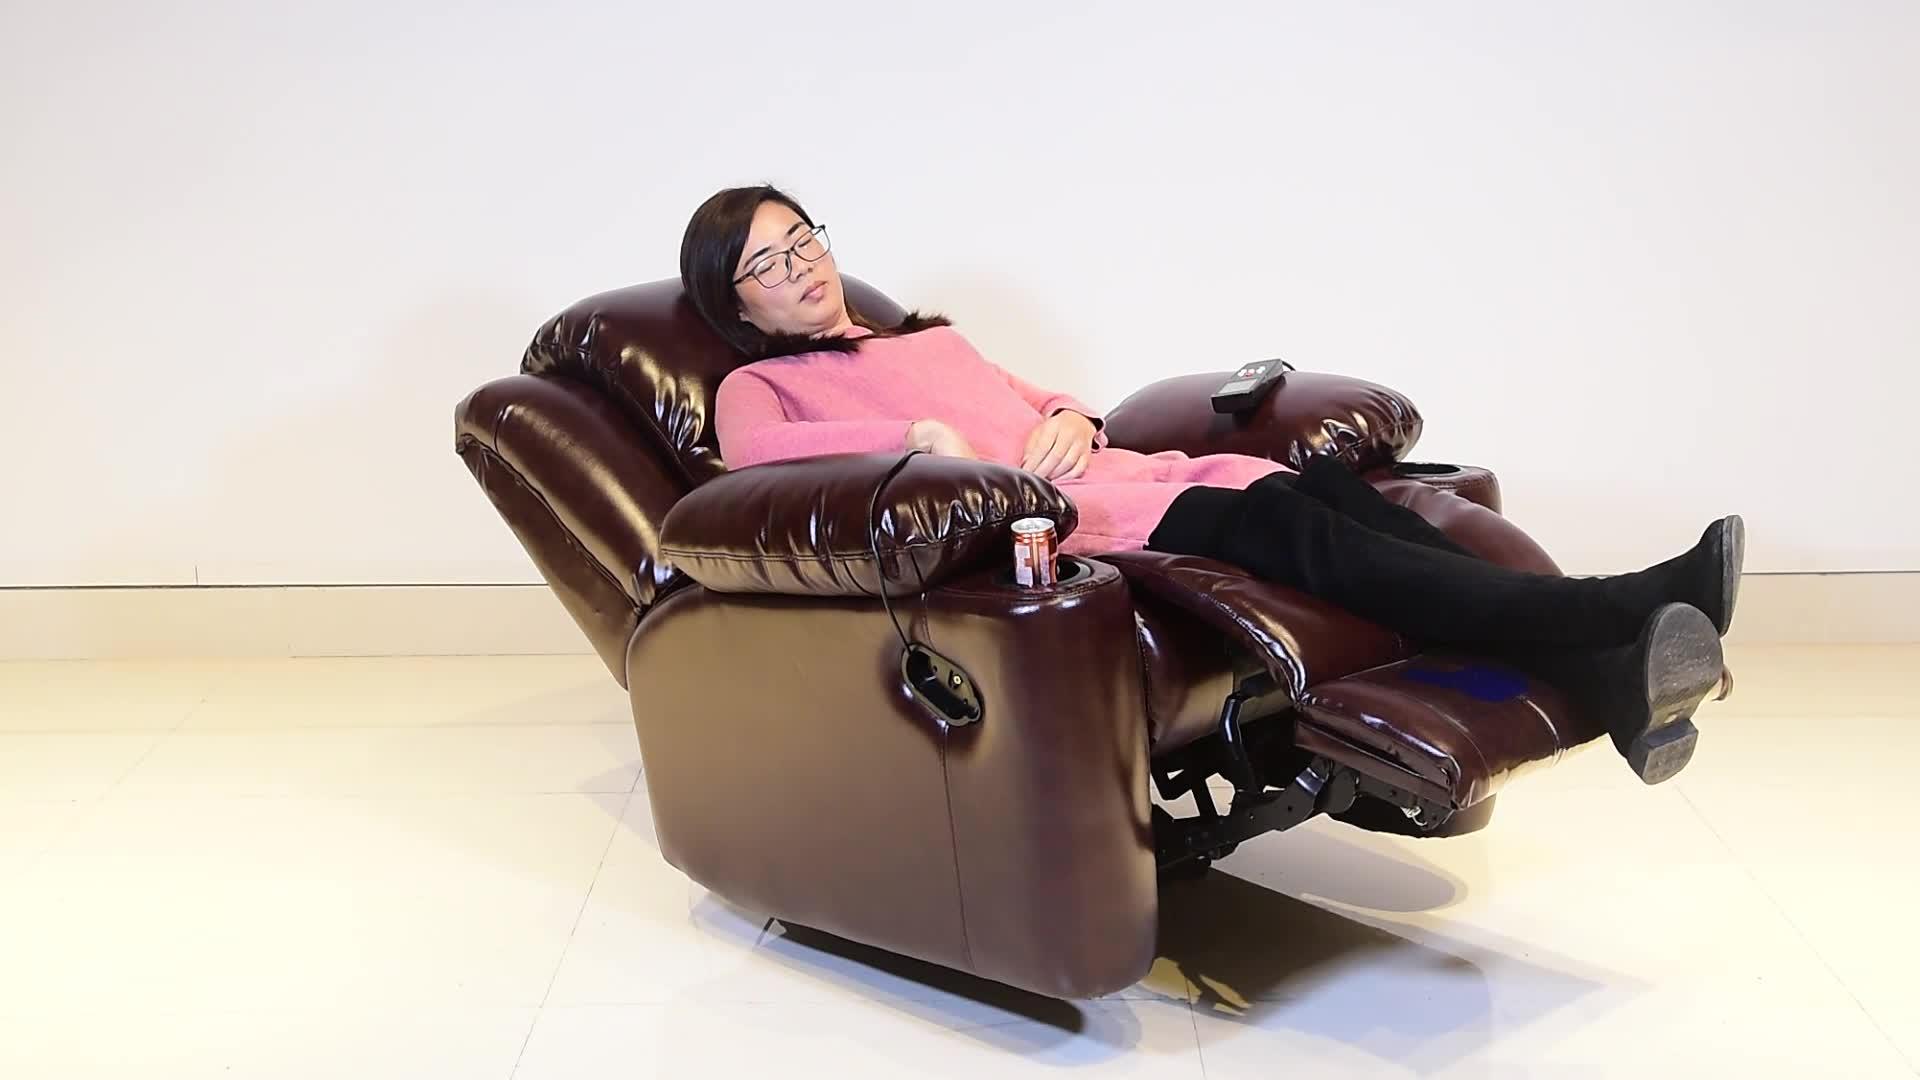 現代の高級ホームシアターシネマ家具シングルリフトスイベルロッカー機構マッサージ電気本革リクライニング椅子